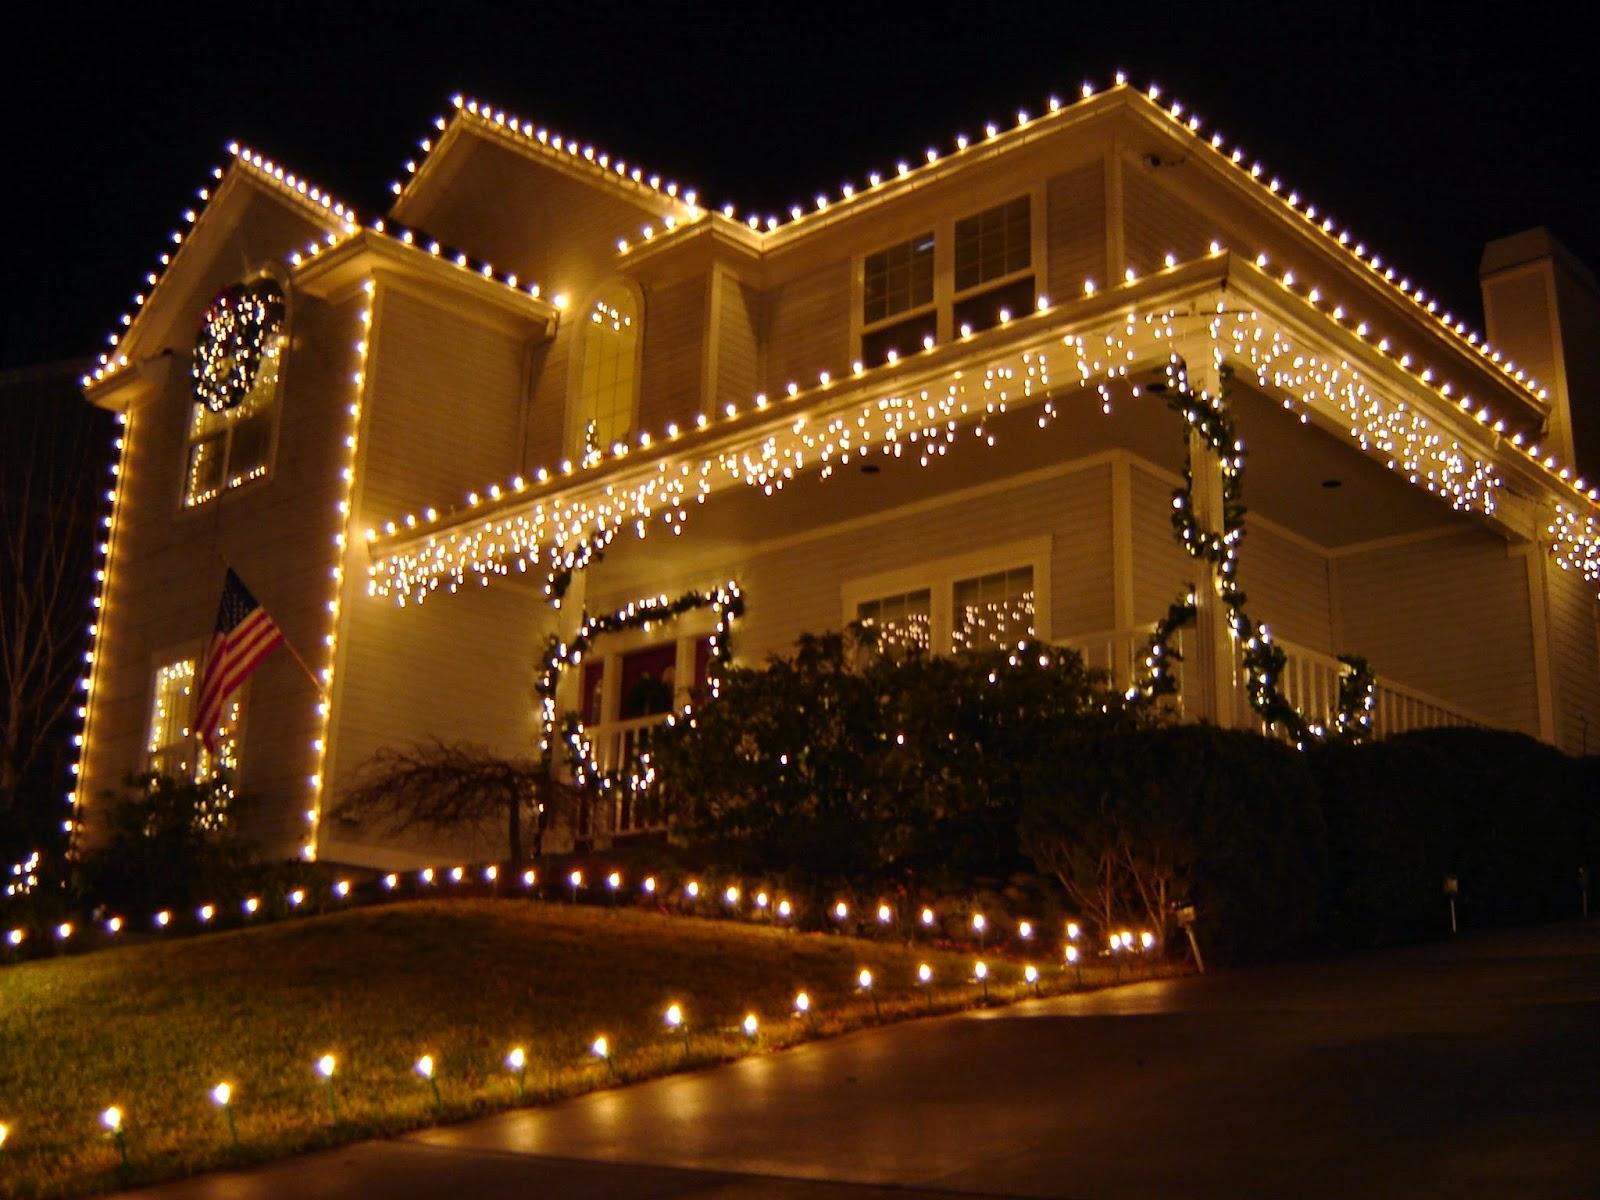 Outside Christmas Lights Christmas Lights On Outdoor Trees Warisan Lighting